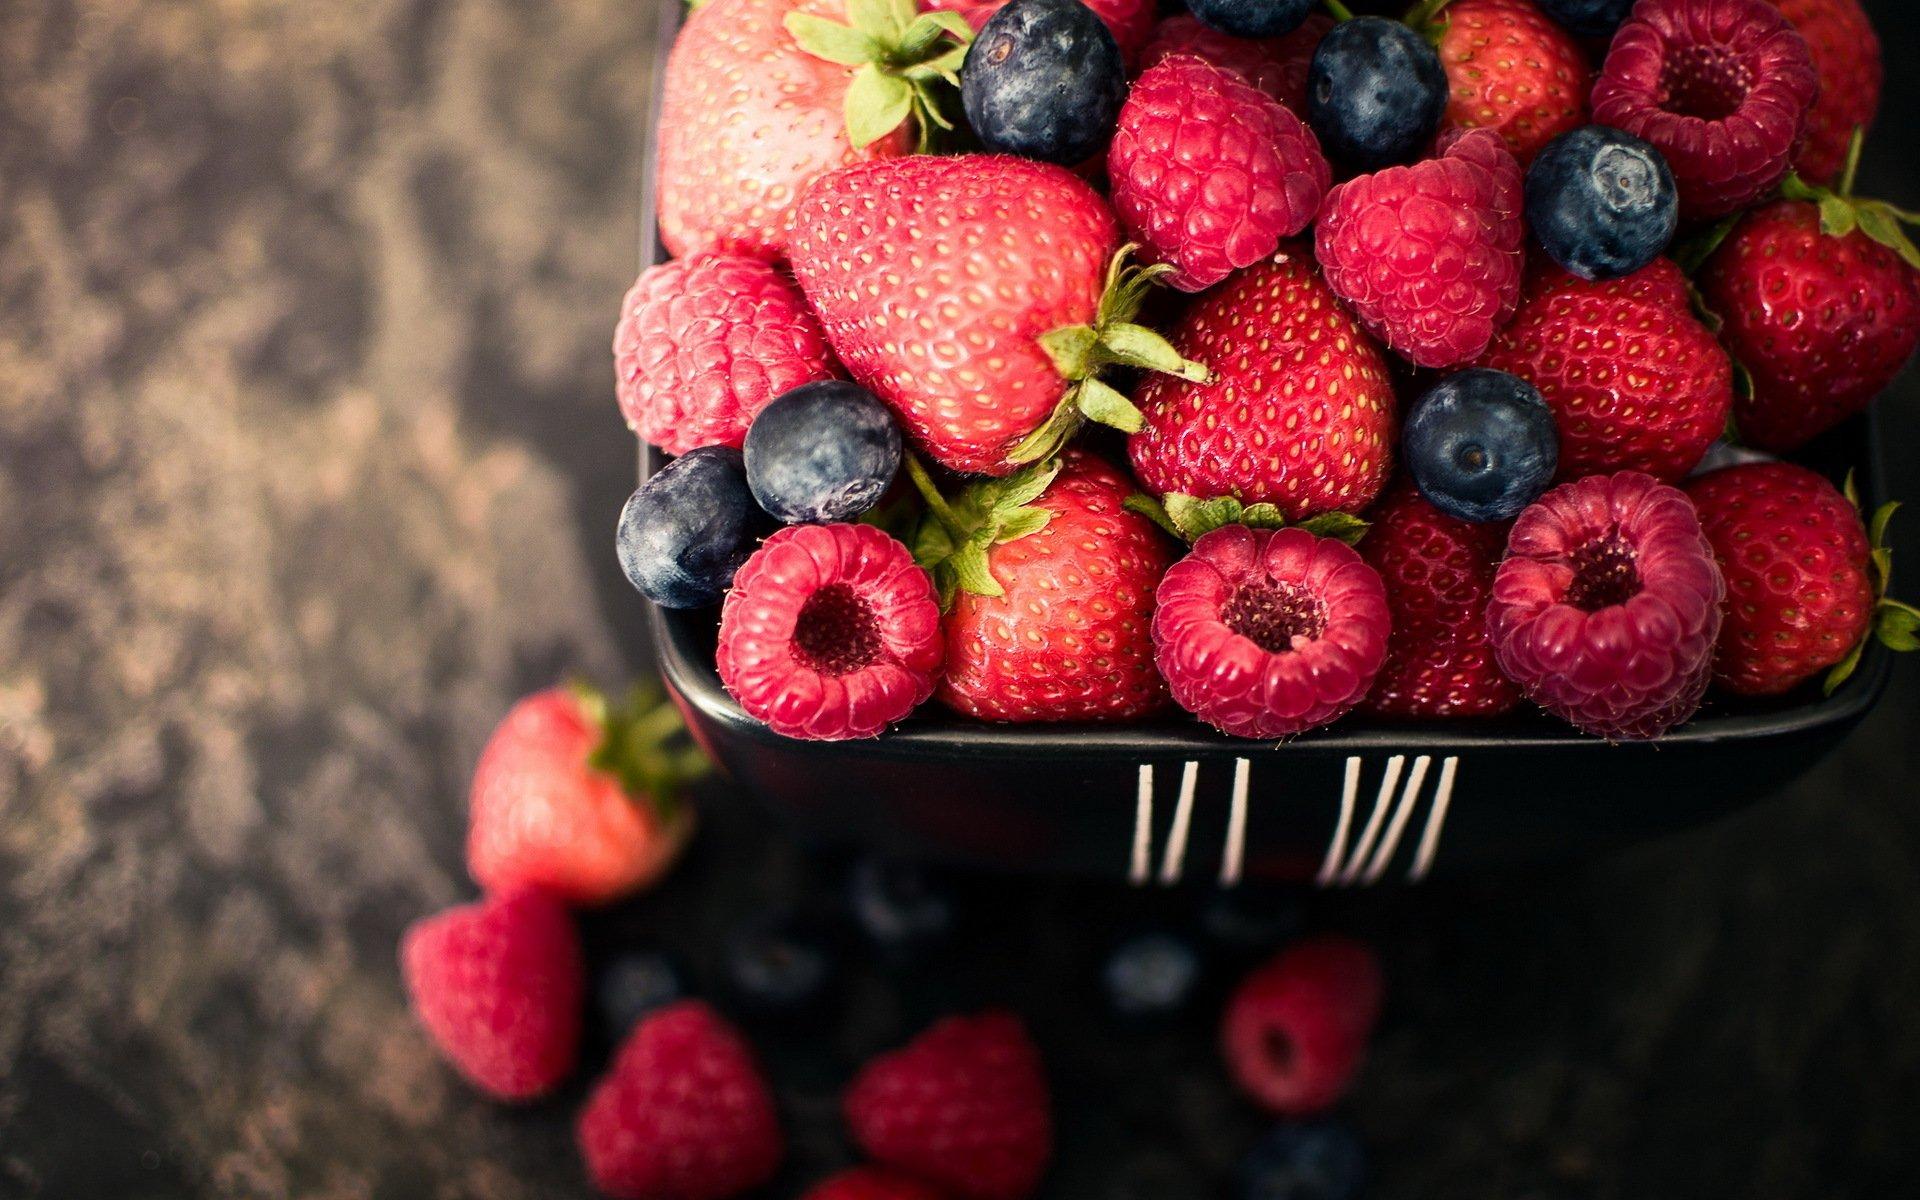 Blackberry fruit wallpaper - Hd Wallpaper Background Id 433426